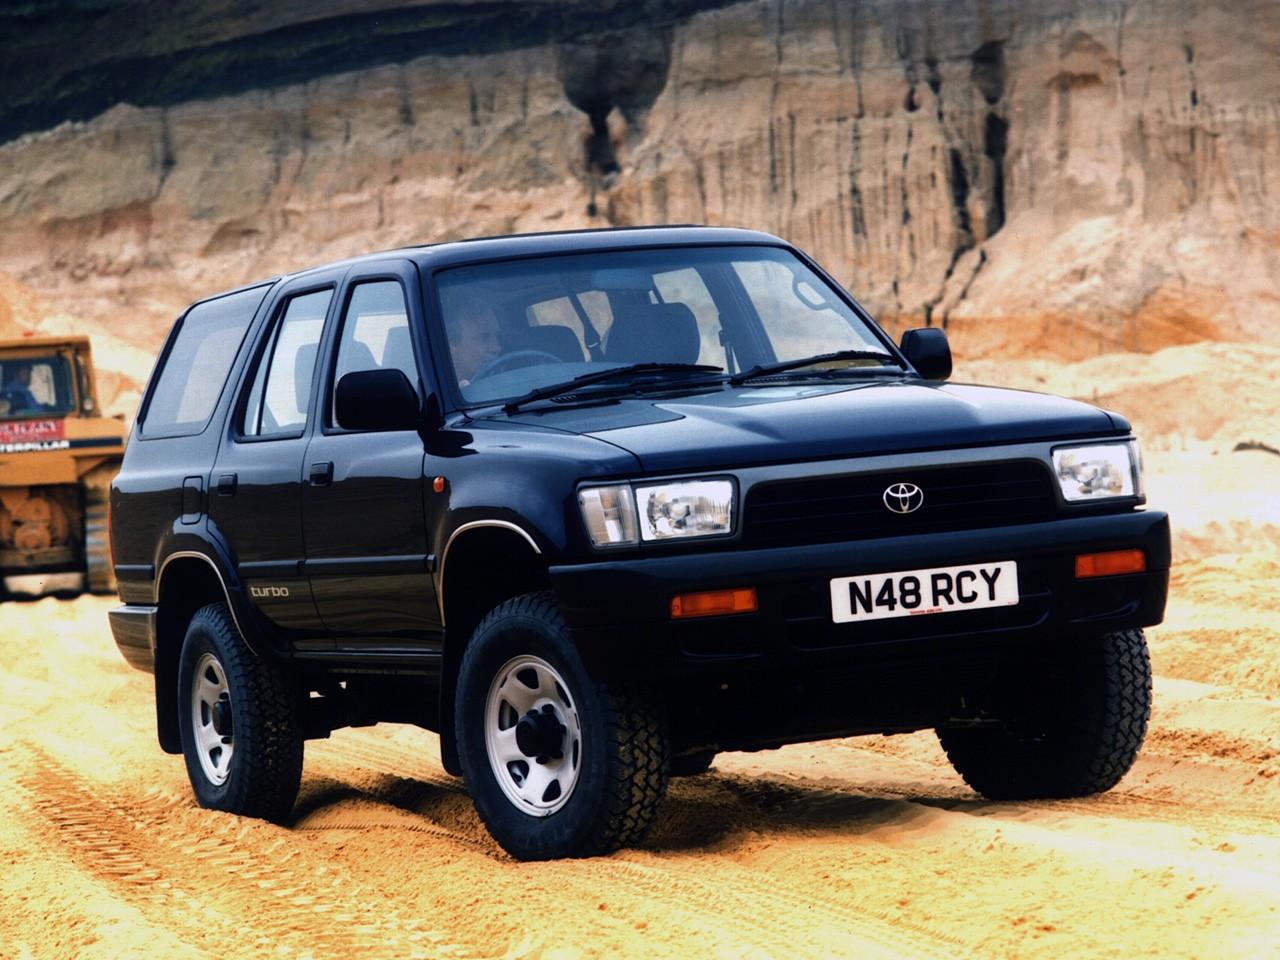 Toyota 4runner Models >> TOYOTA 4Runner - 1990, 1991, 1992, 1993, 1994, 1995 - autoevolution